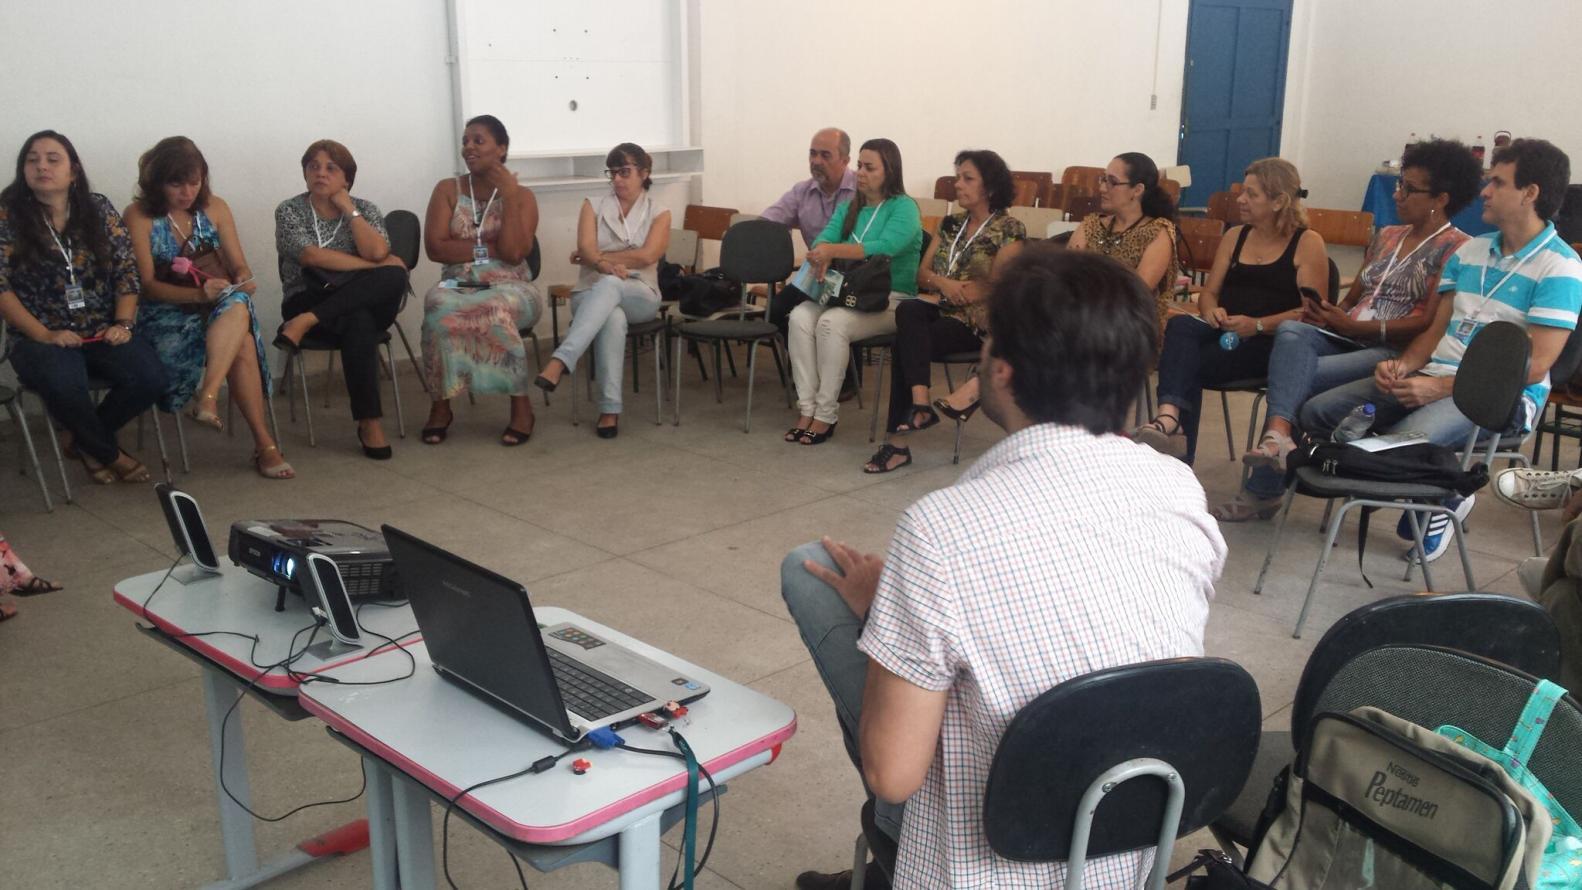 SEA e Inea levam educação ambiental às escolas estaduais no entorno do Complexo Lagunar da Jacarepaguá